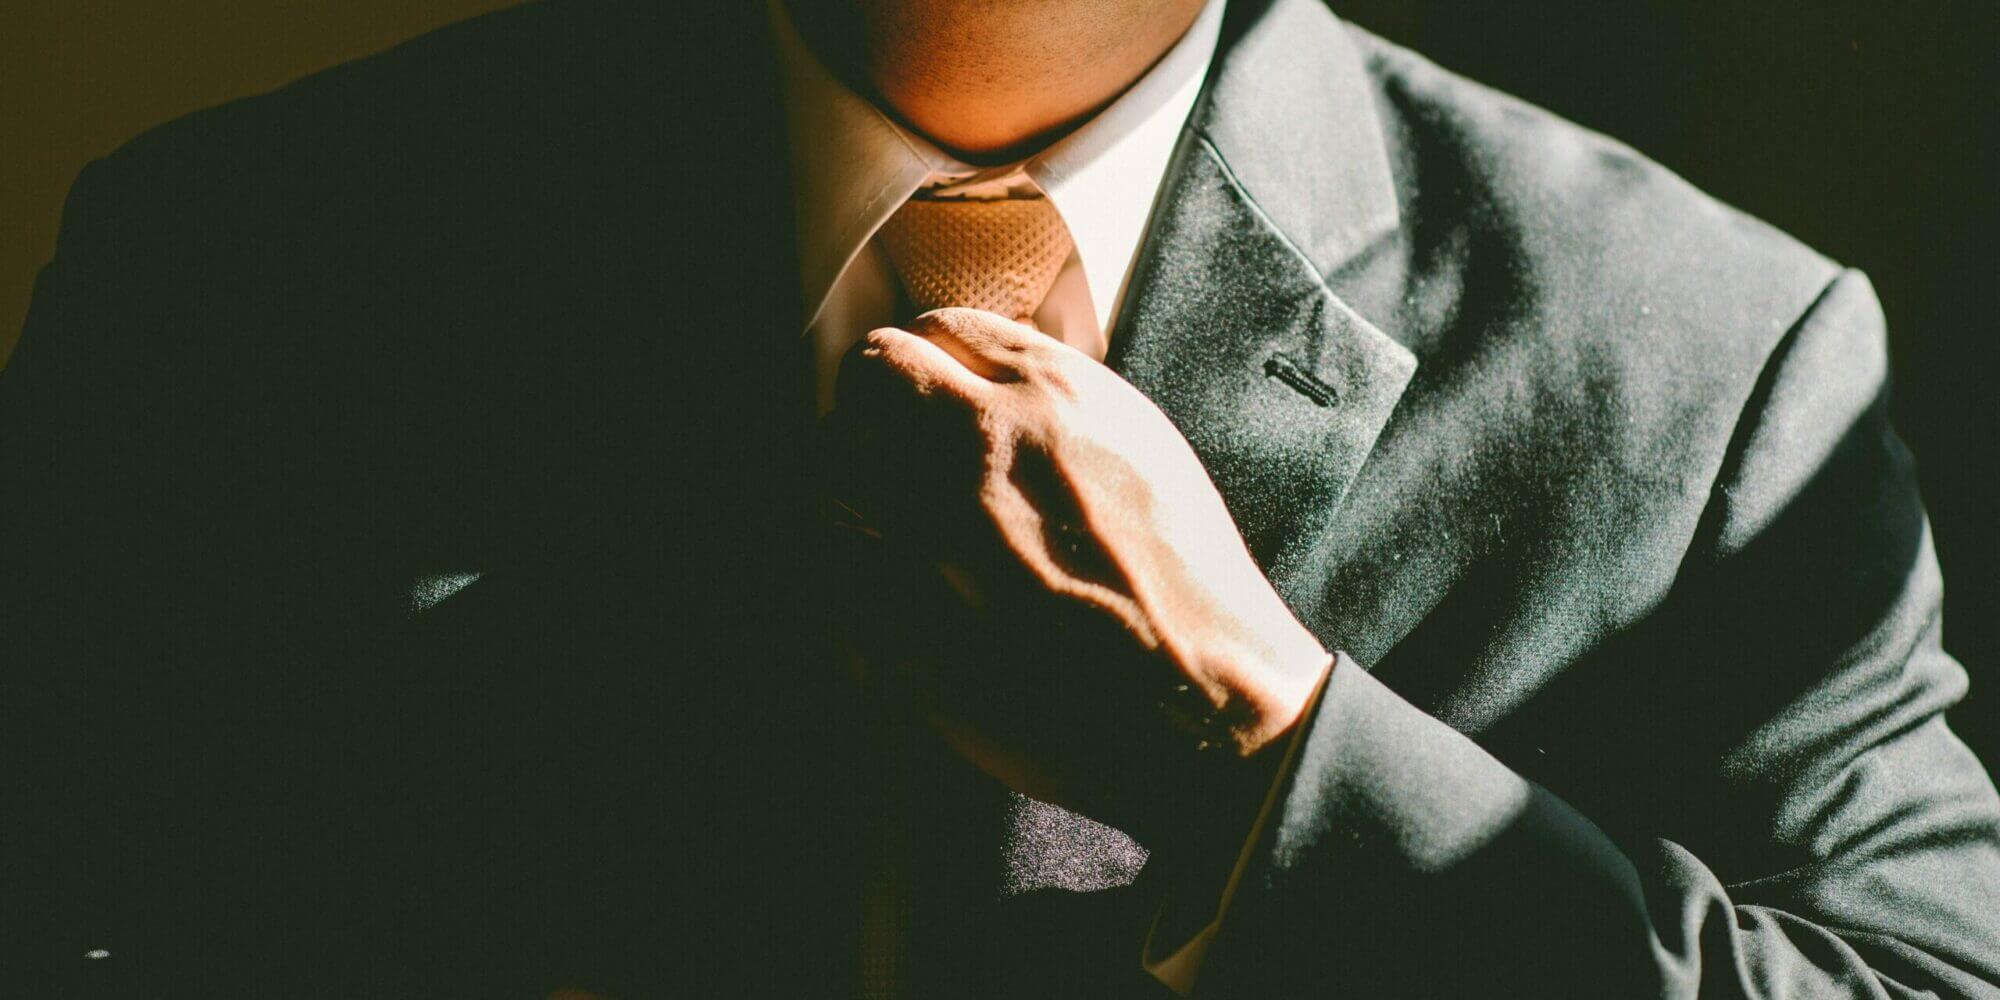 hombre de traje acomoda su corbata - El latino e inmigrante Alejandro Mayorkas lidera ahora el DHS